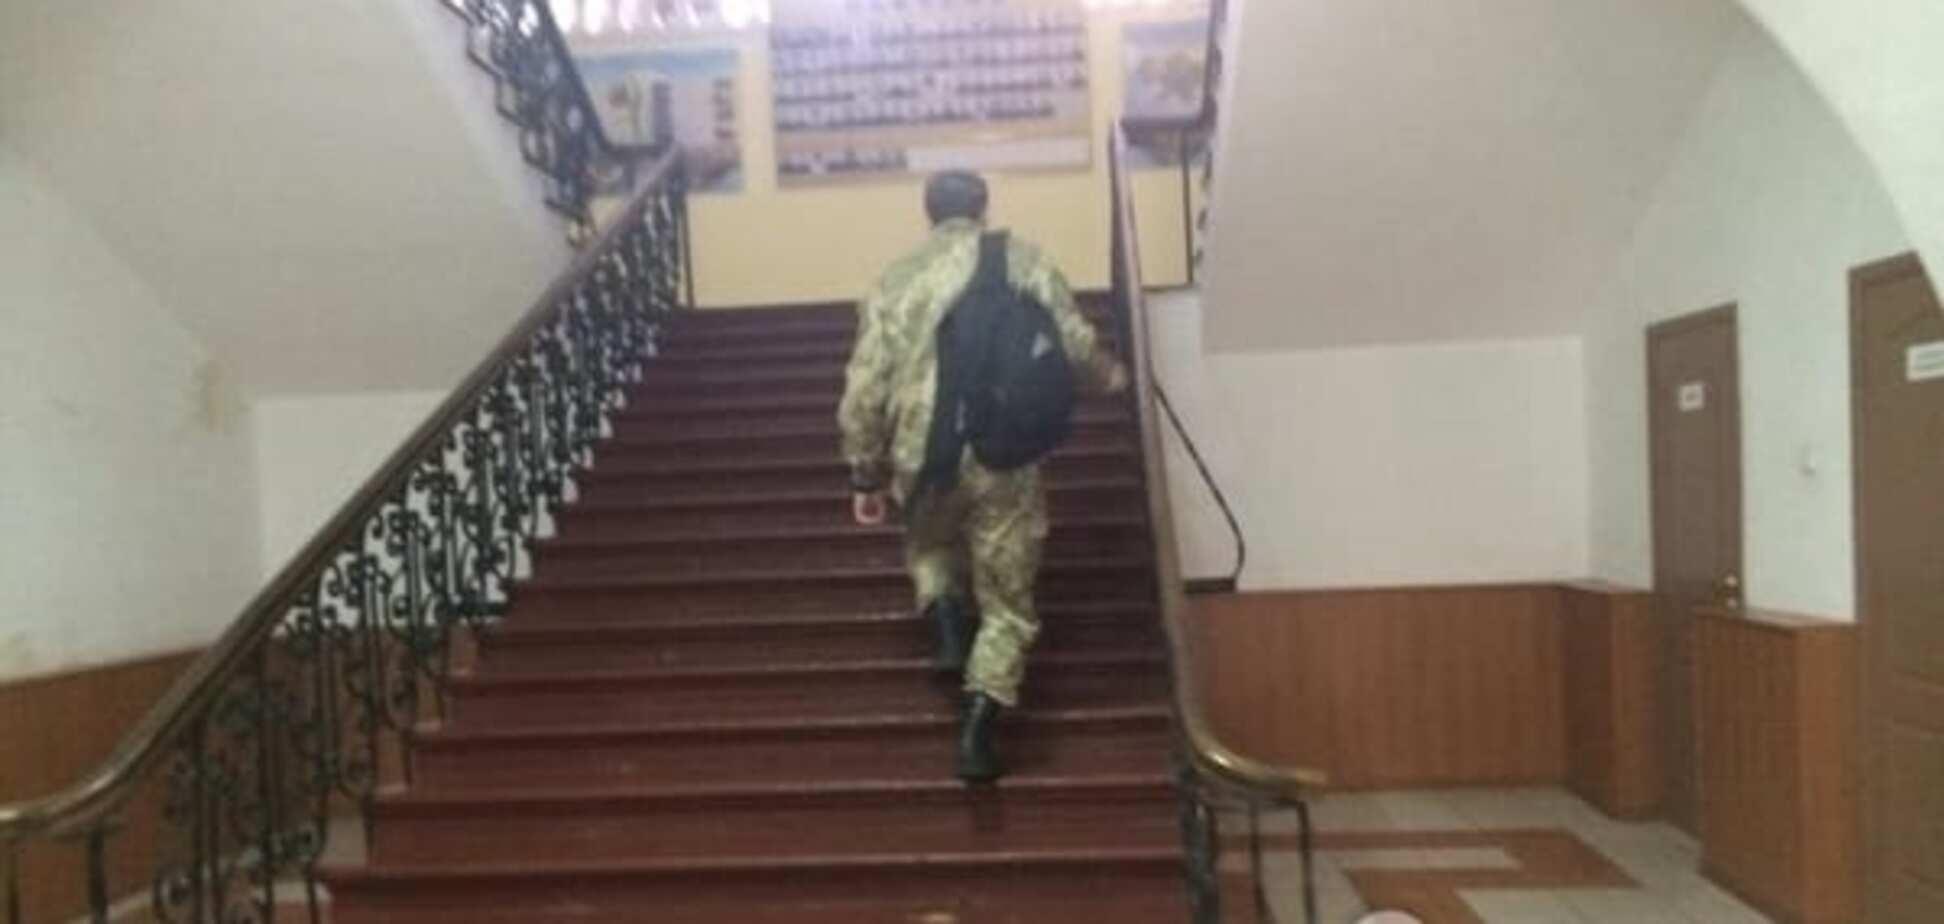 Выбор раненых бойцов: как проходит голосование в Центральном военном госпитале